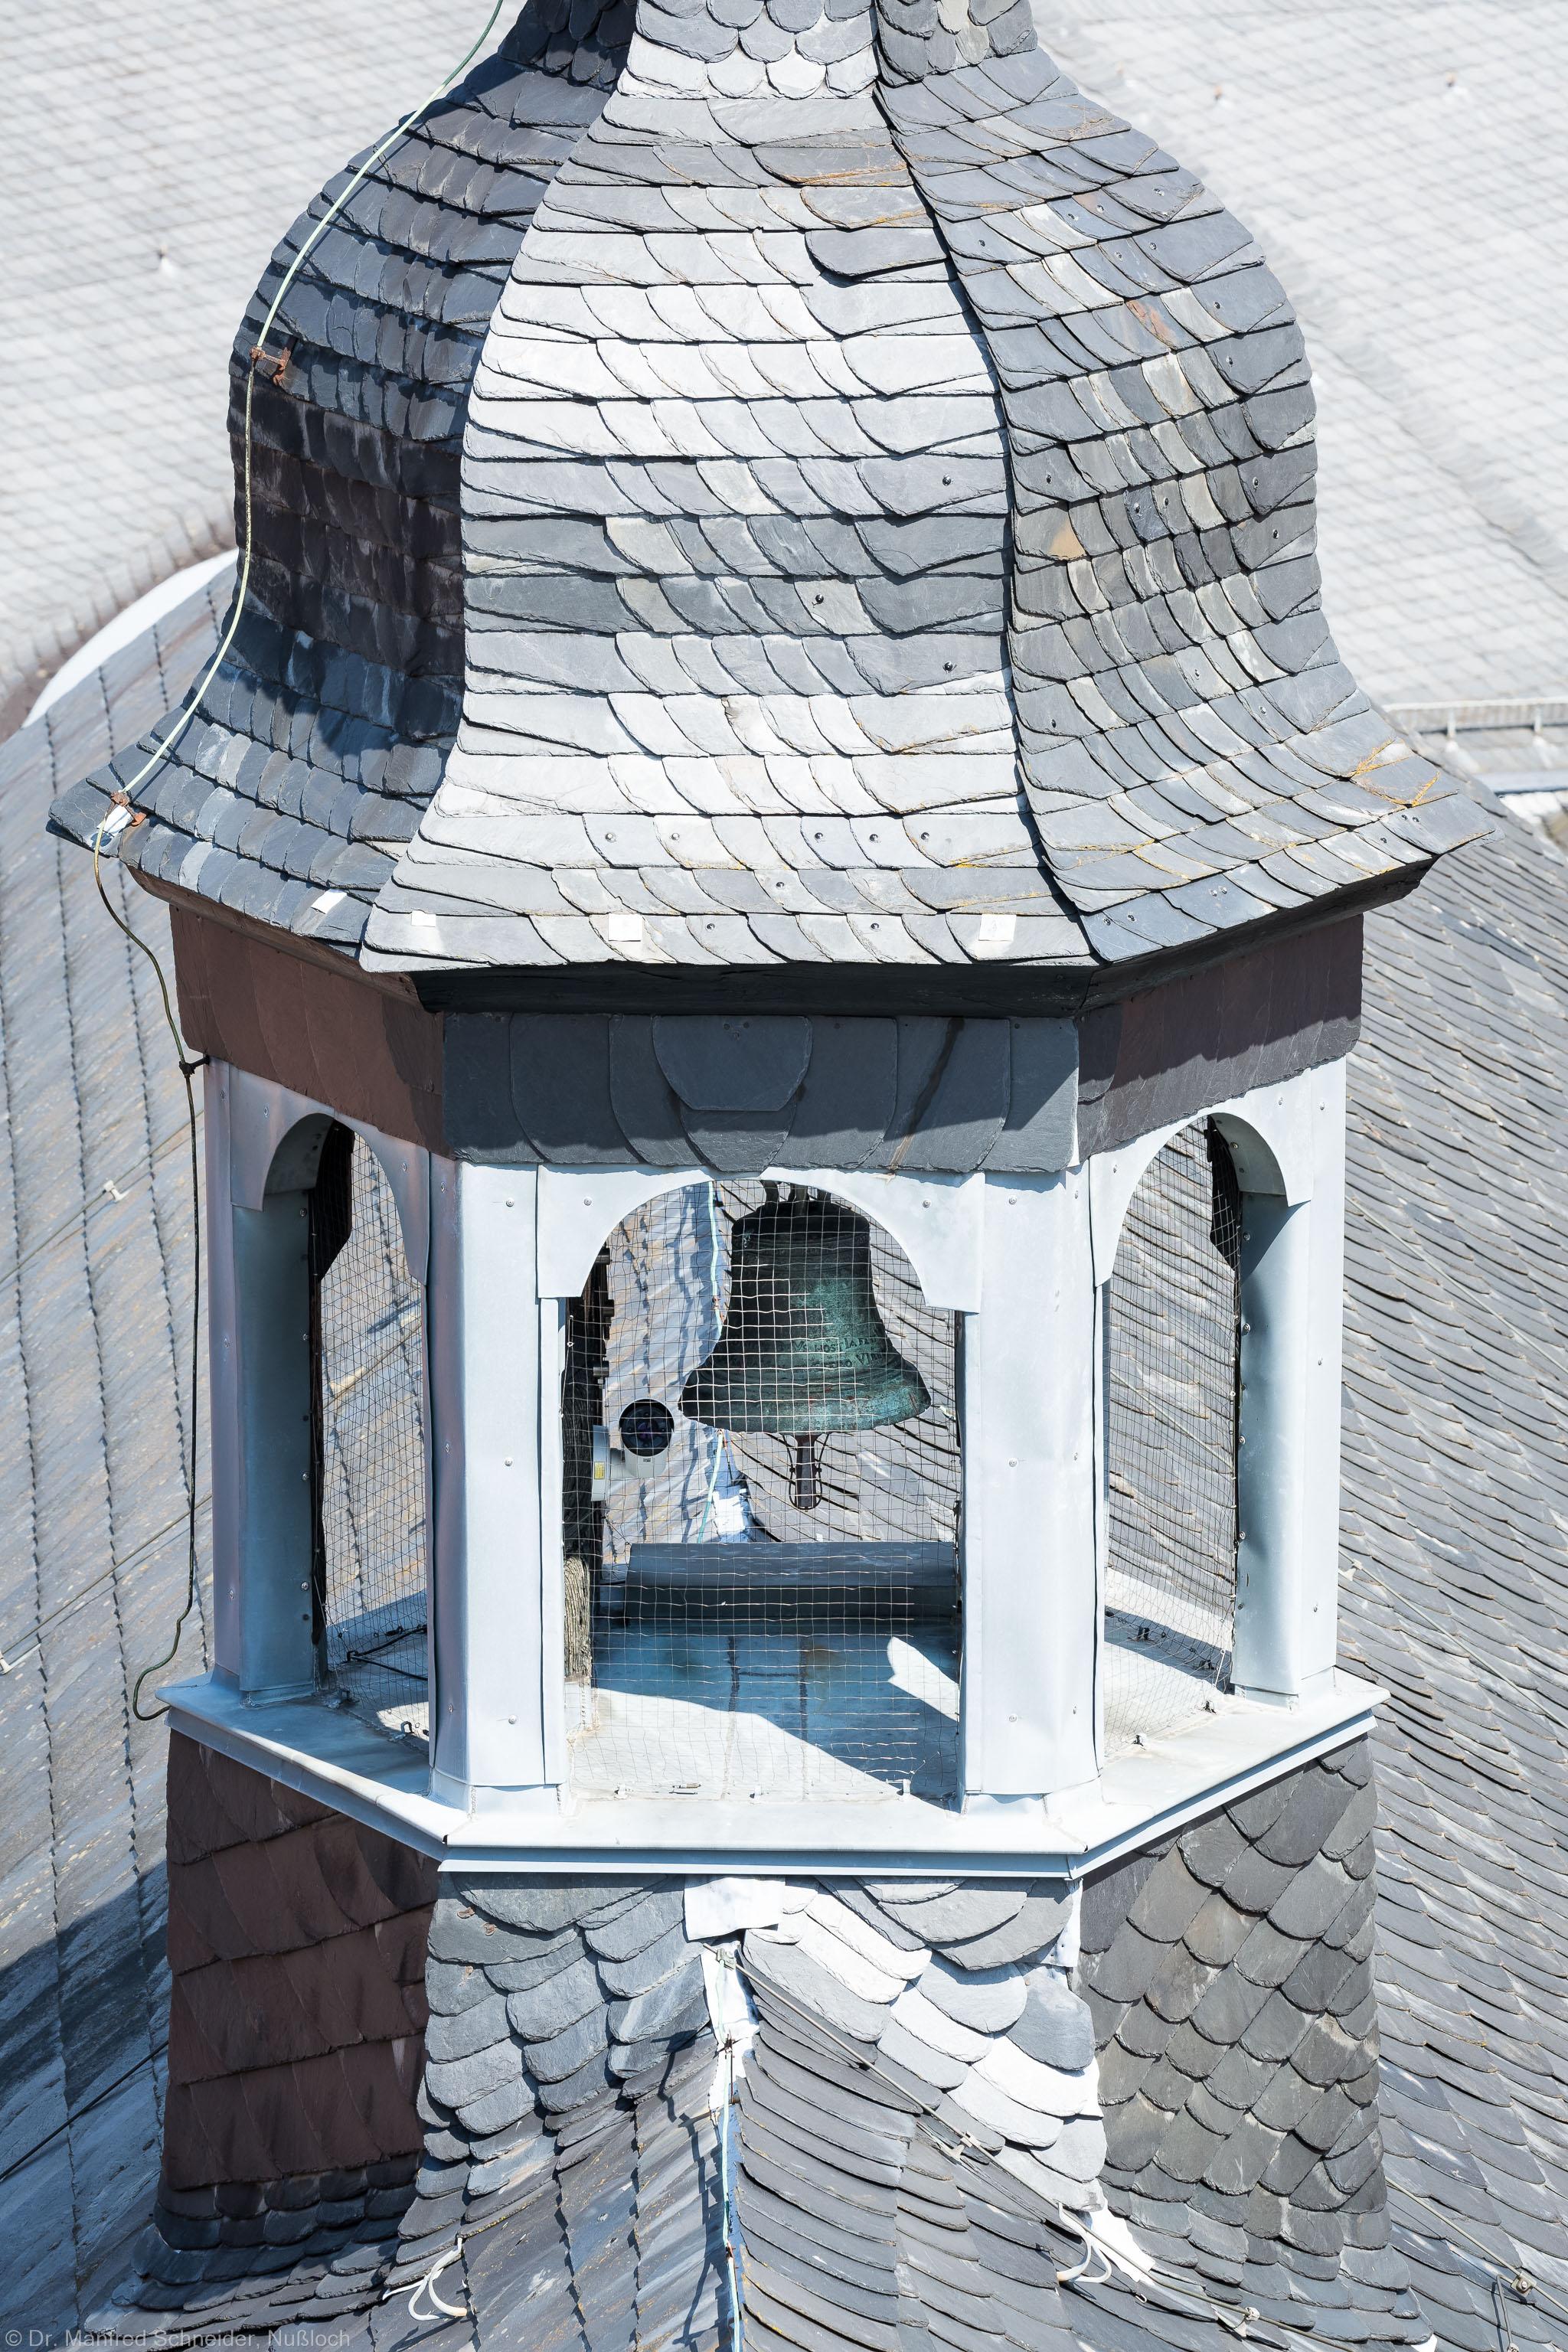 Heidelberg - Heiliggeistkirche - Dach - Blick auf den Dachreiter mit der Scheideglocke (aufgenommen im Juli 2015, am Nachmittag)